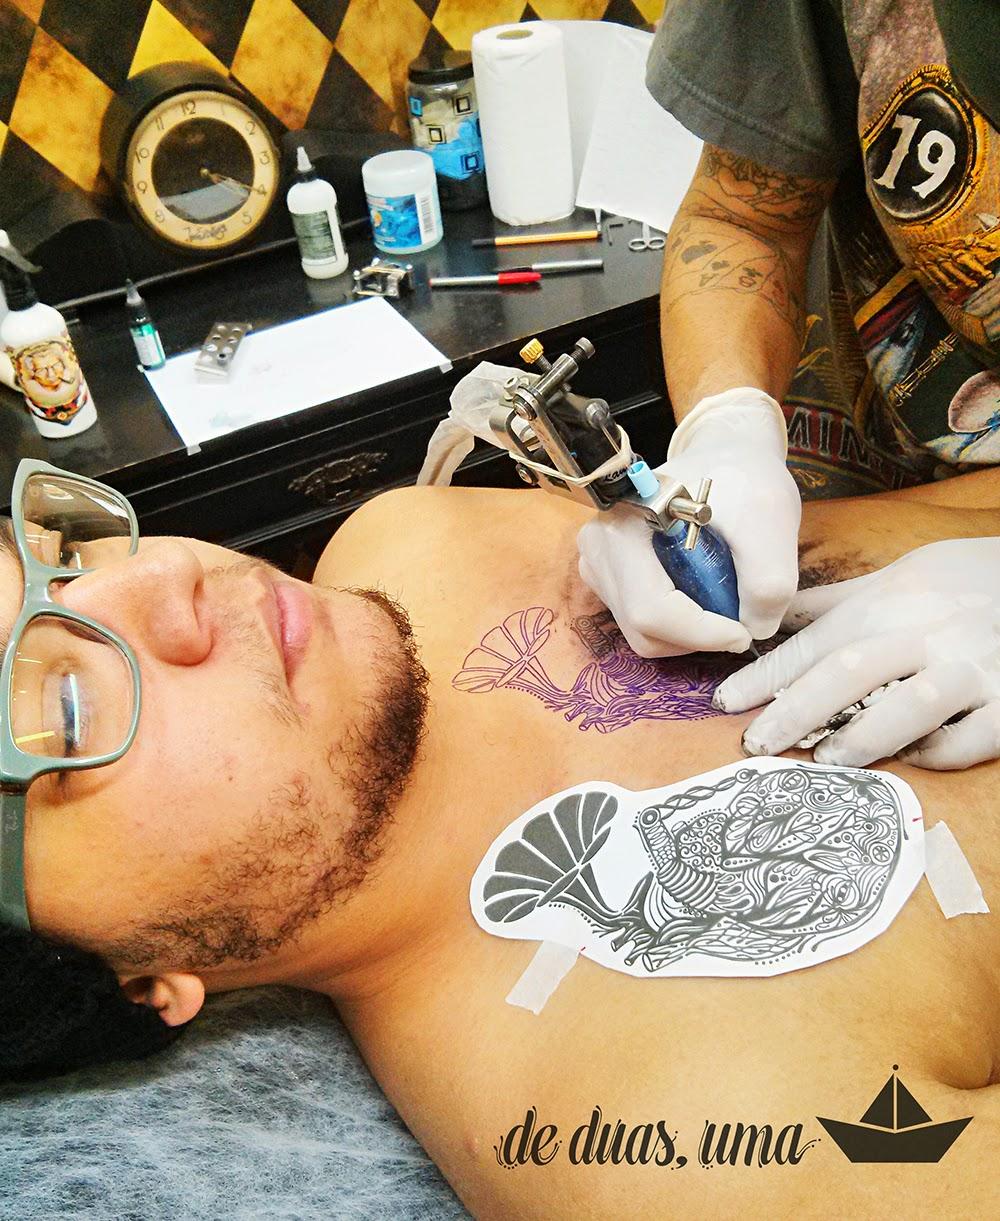 rafael chevi tatuando coração de duas, uma